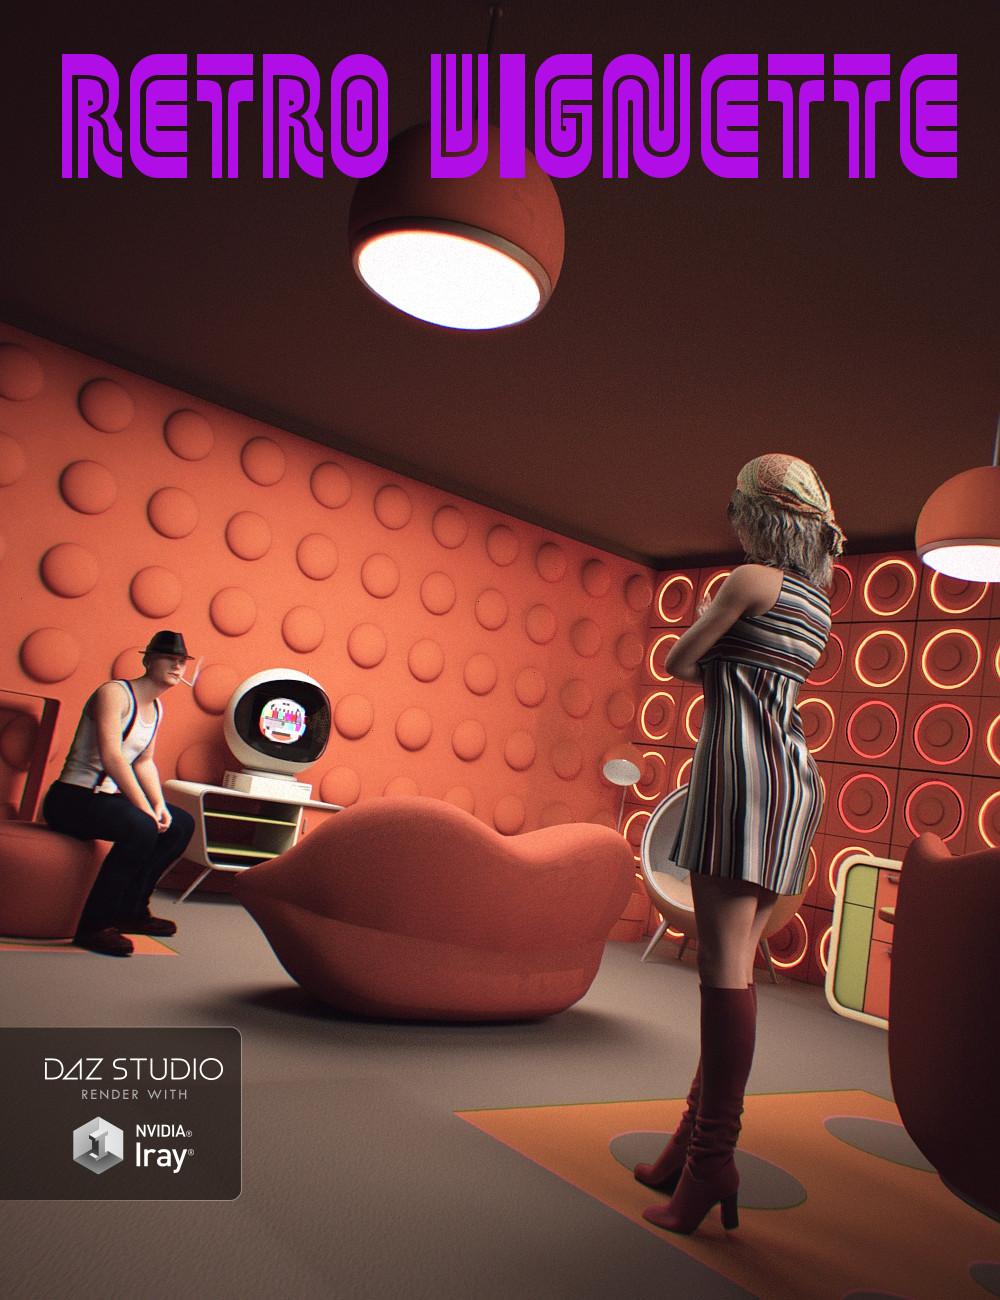 Retro Vignette by: Mely3D, 3D Models by Daz 3D